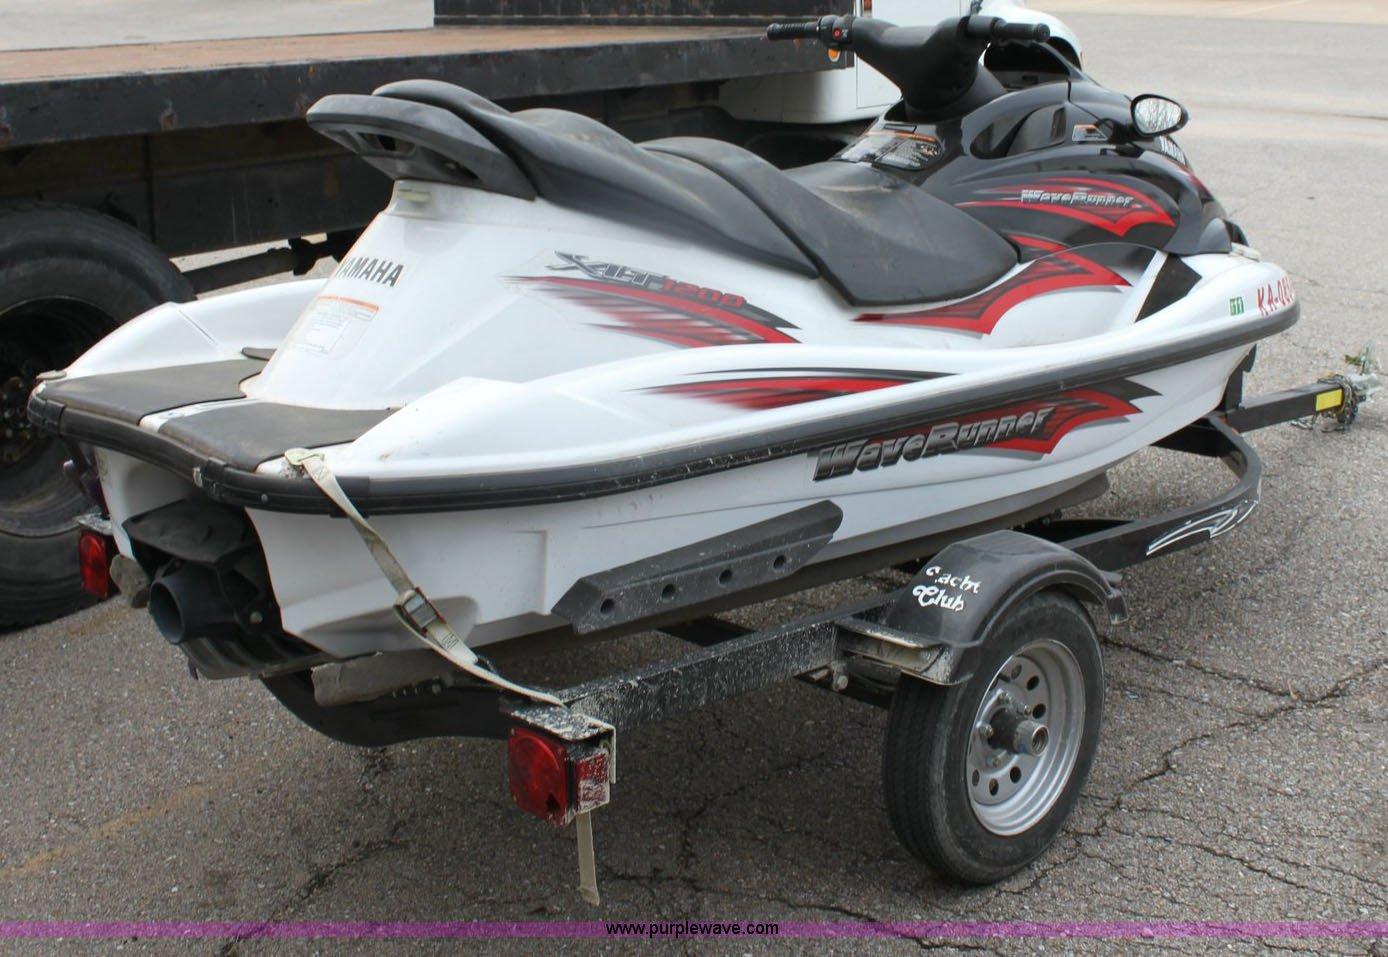 2003 yamaha wave runner xlt 1200 jet ski item 6533 for Yamaha jet skis